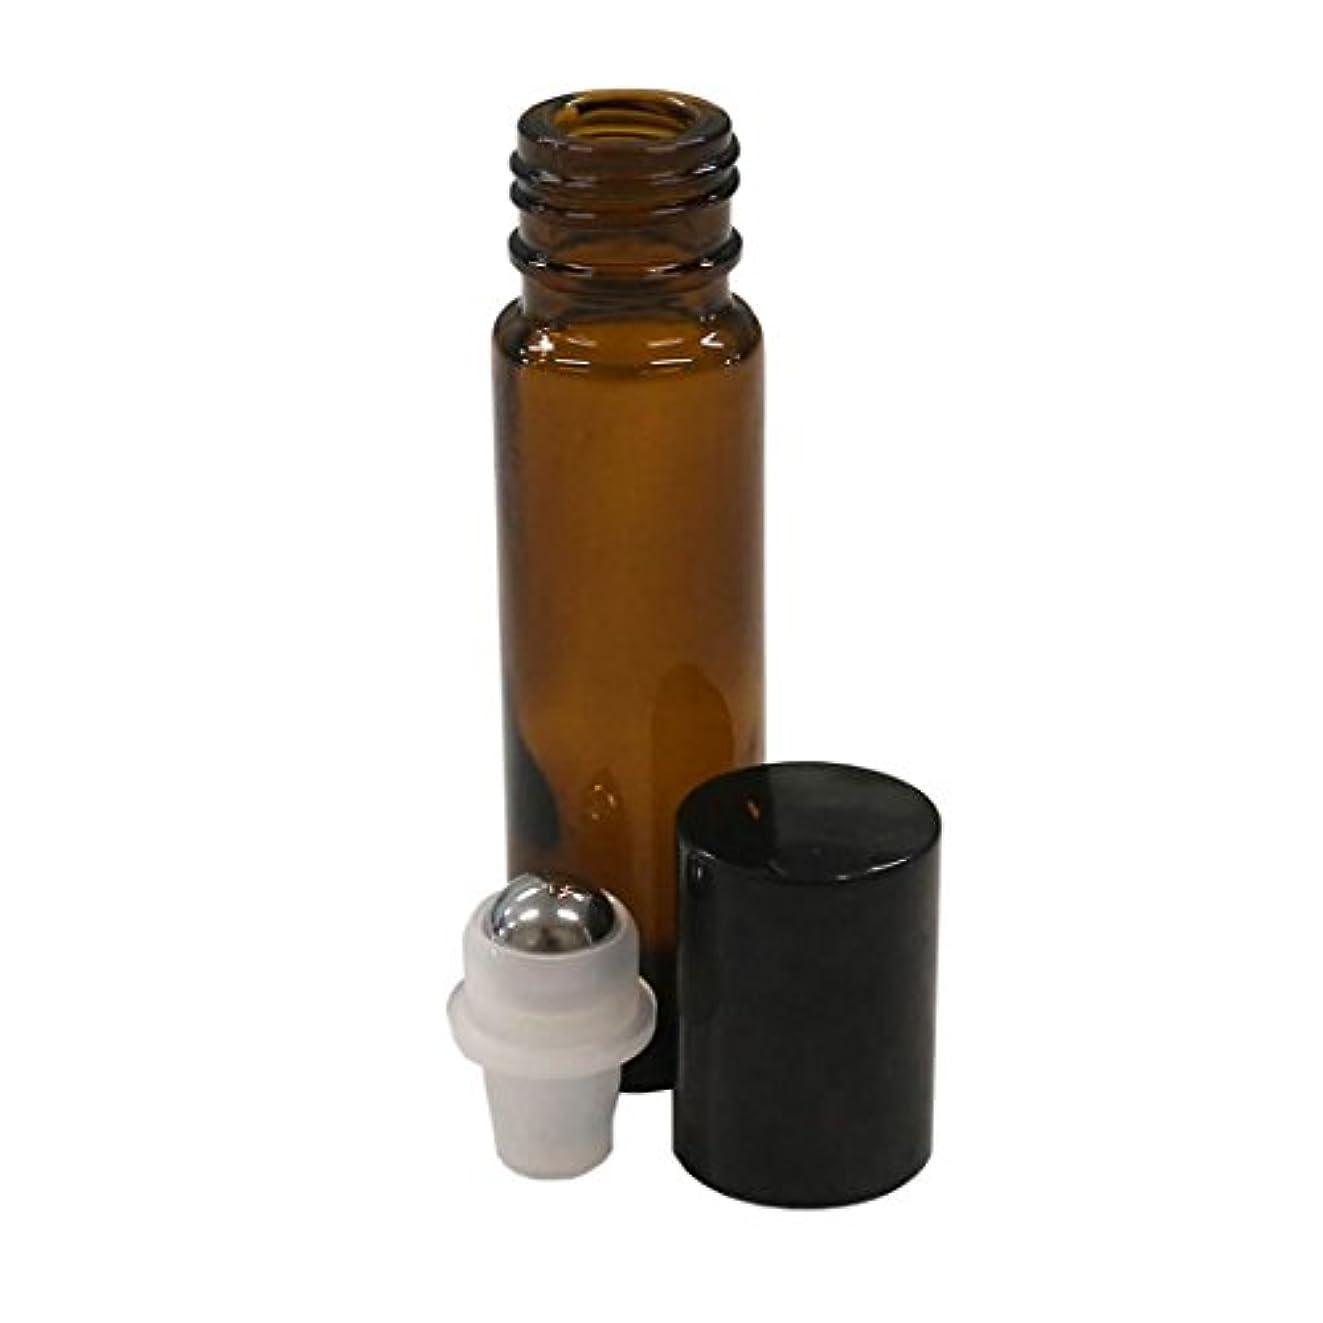 ライン立場レシピボトルには10ミリリットル(1/3オンス)アンバーグラスエッセンシャルオイルロール - 12のパック